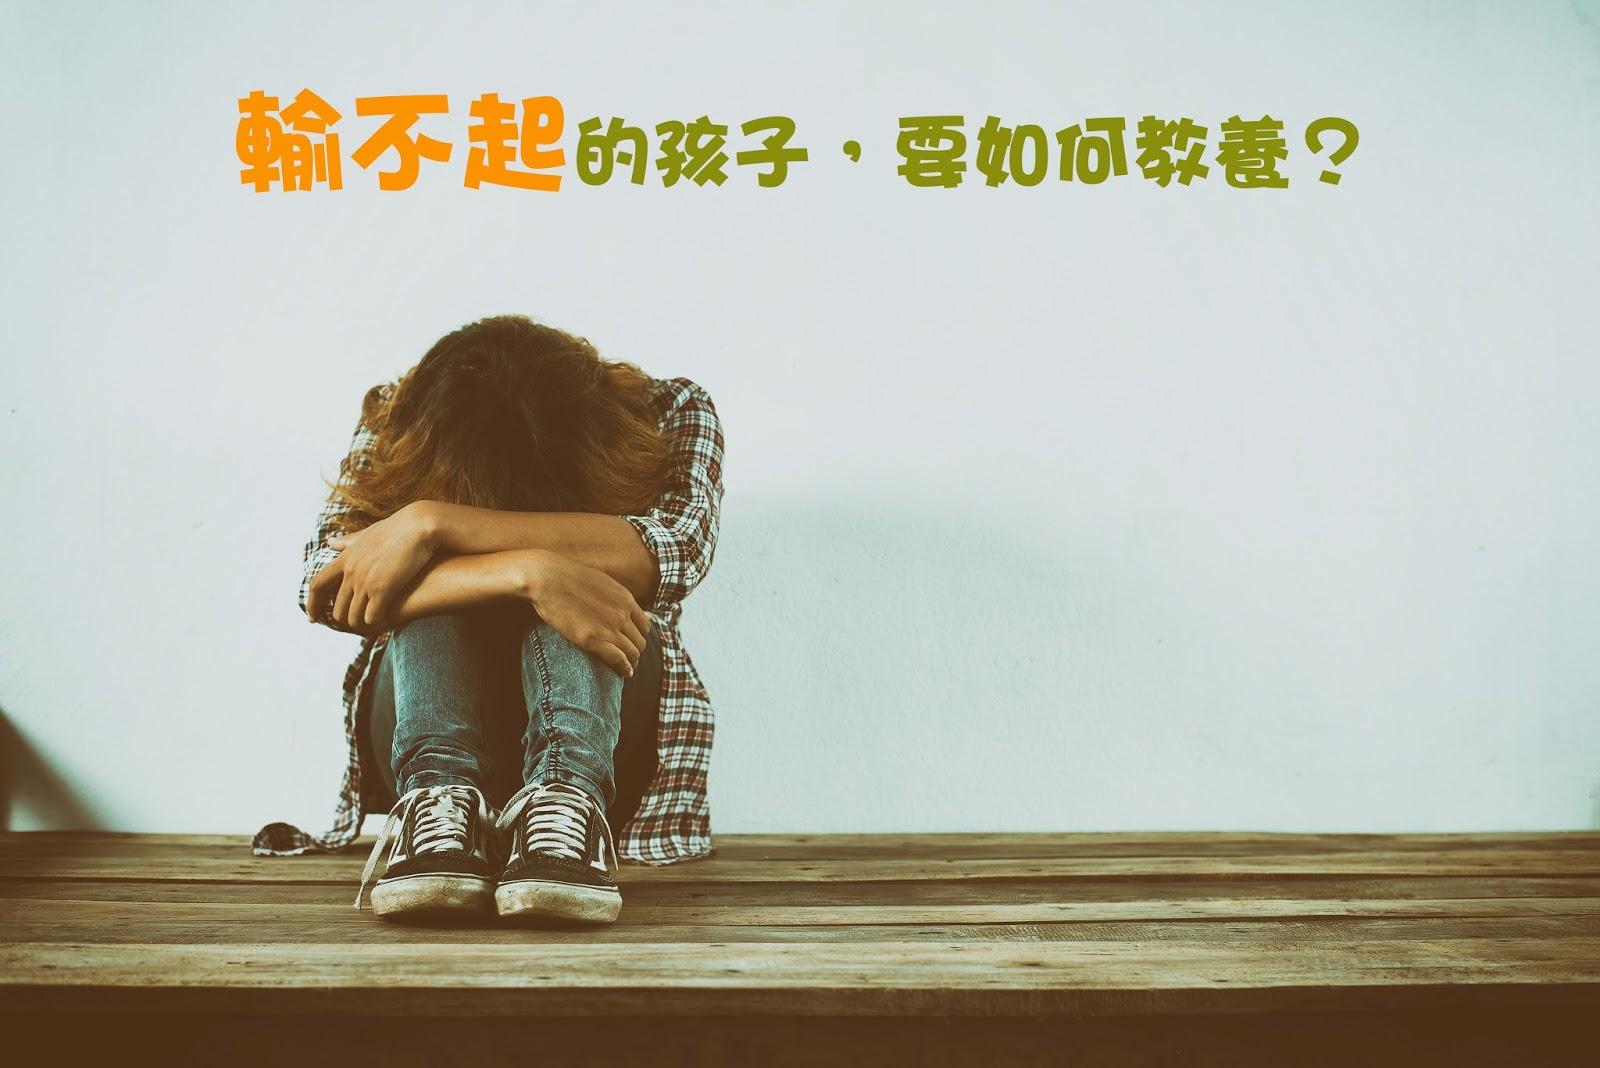 輸不起的孩子,要如何教養?|教養維他命|尤莉姐姐的反轉學堂